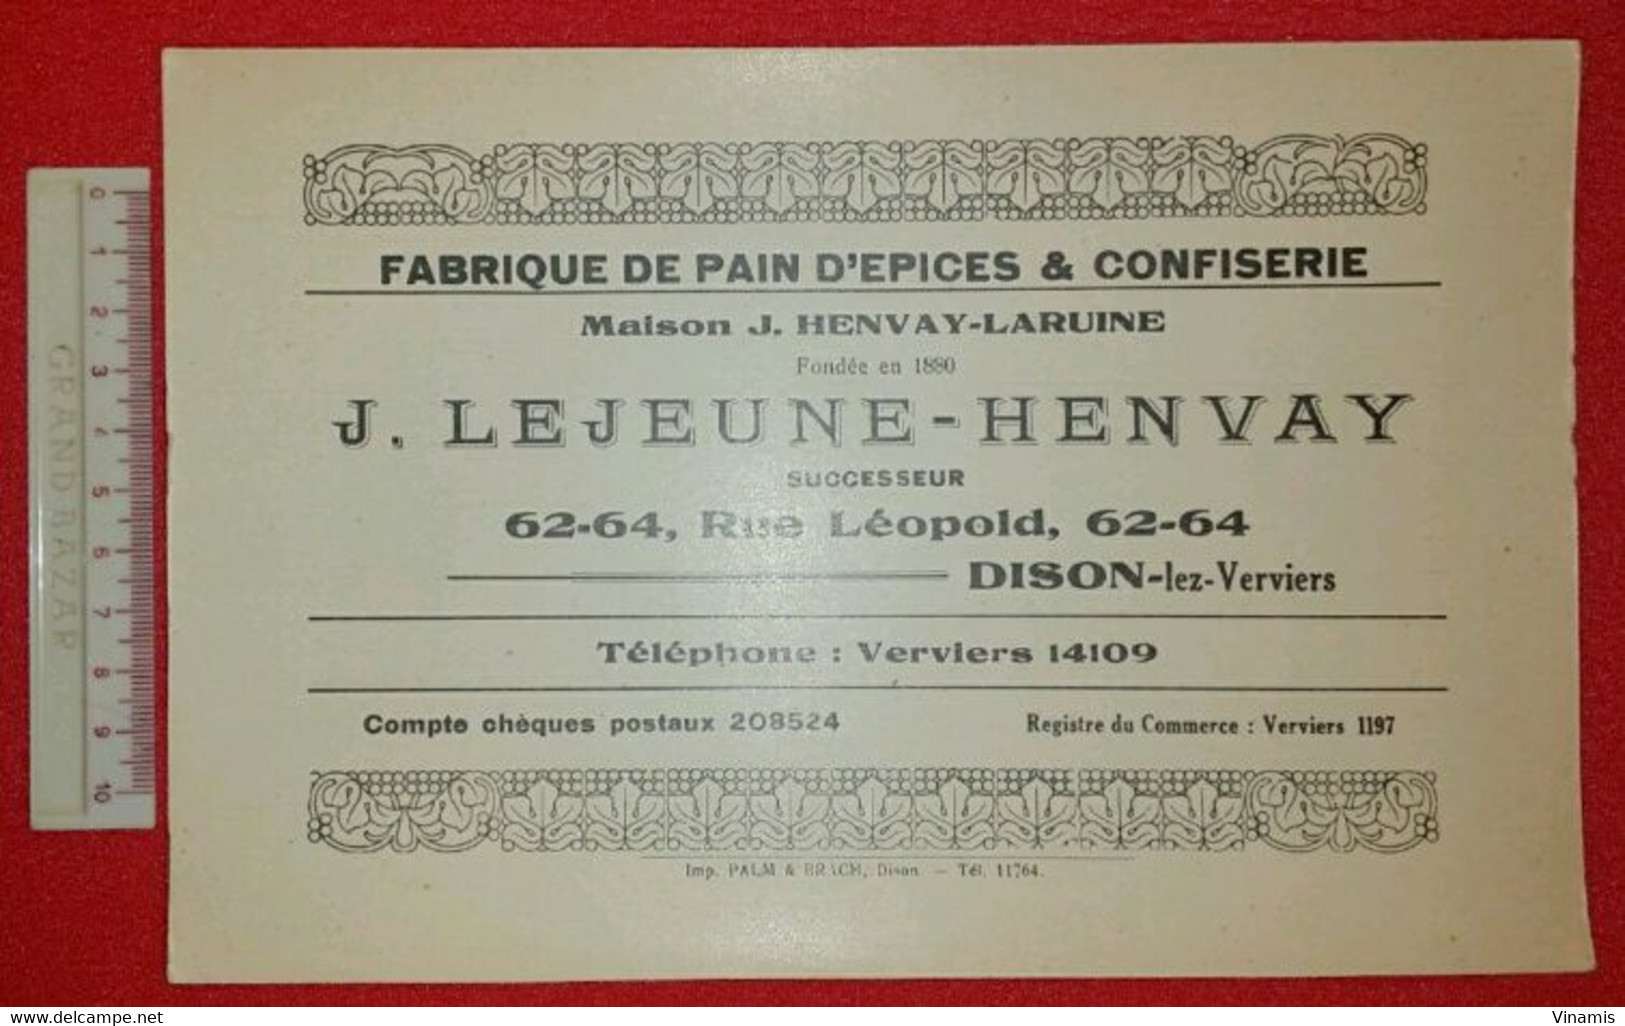 LOT 5 BUVARDS - Maison J. Henvay-Laruine - Fondée En 1880 - J. LEJEUNE-HENVAY - DISON-lez-Verviers - Imp PALM Et BRACH - Gingerbread